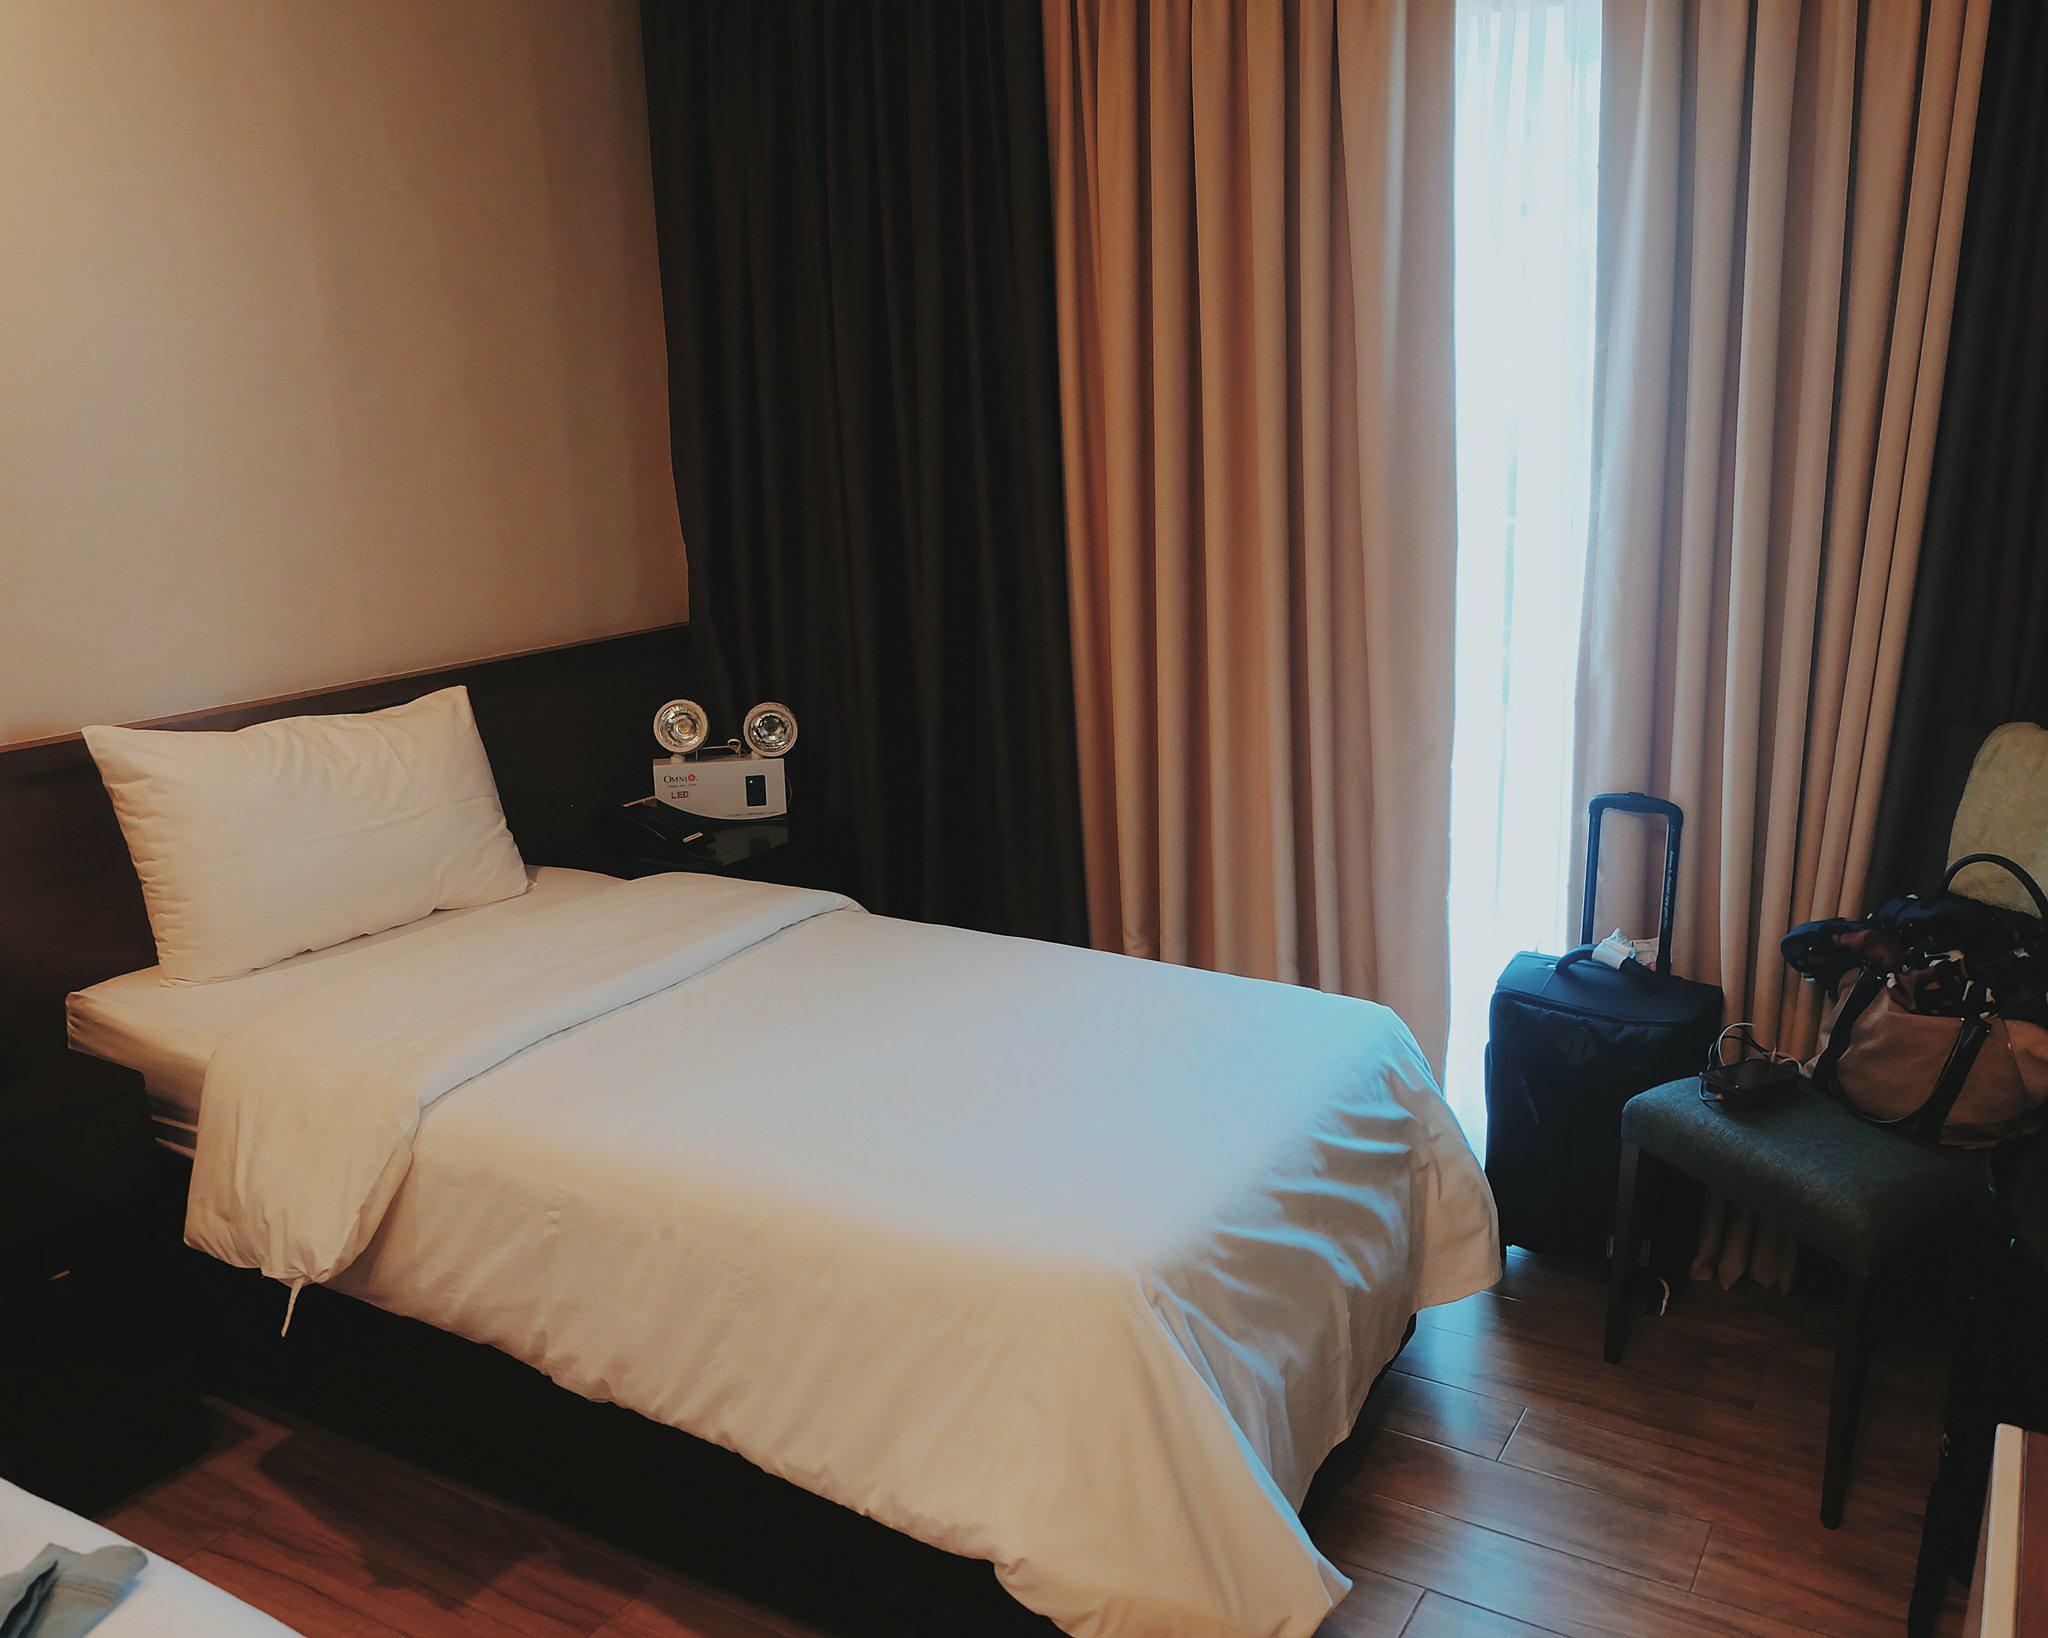 SC Hotel in Catbalogan, Samar